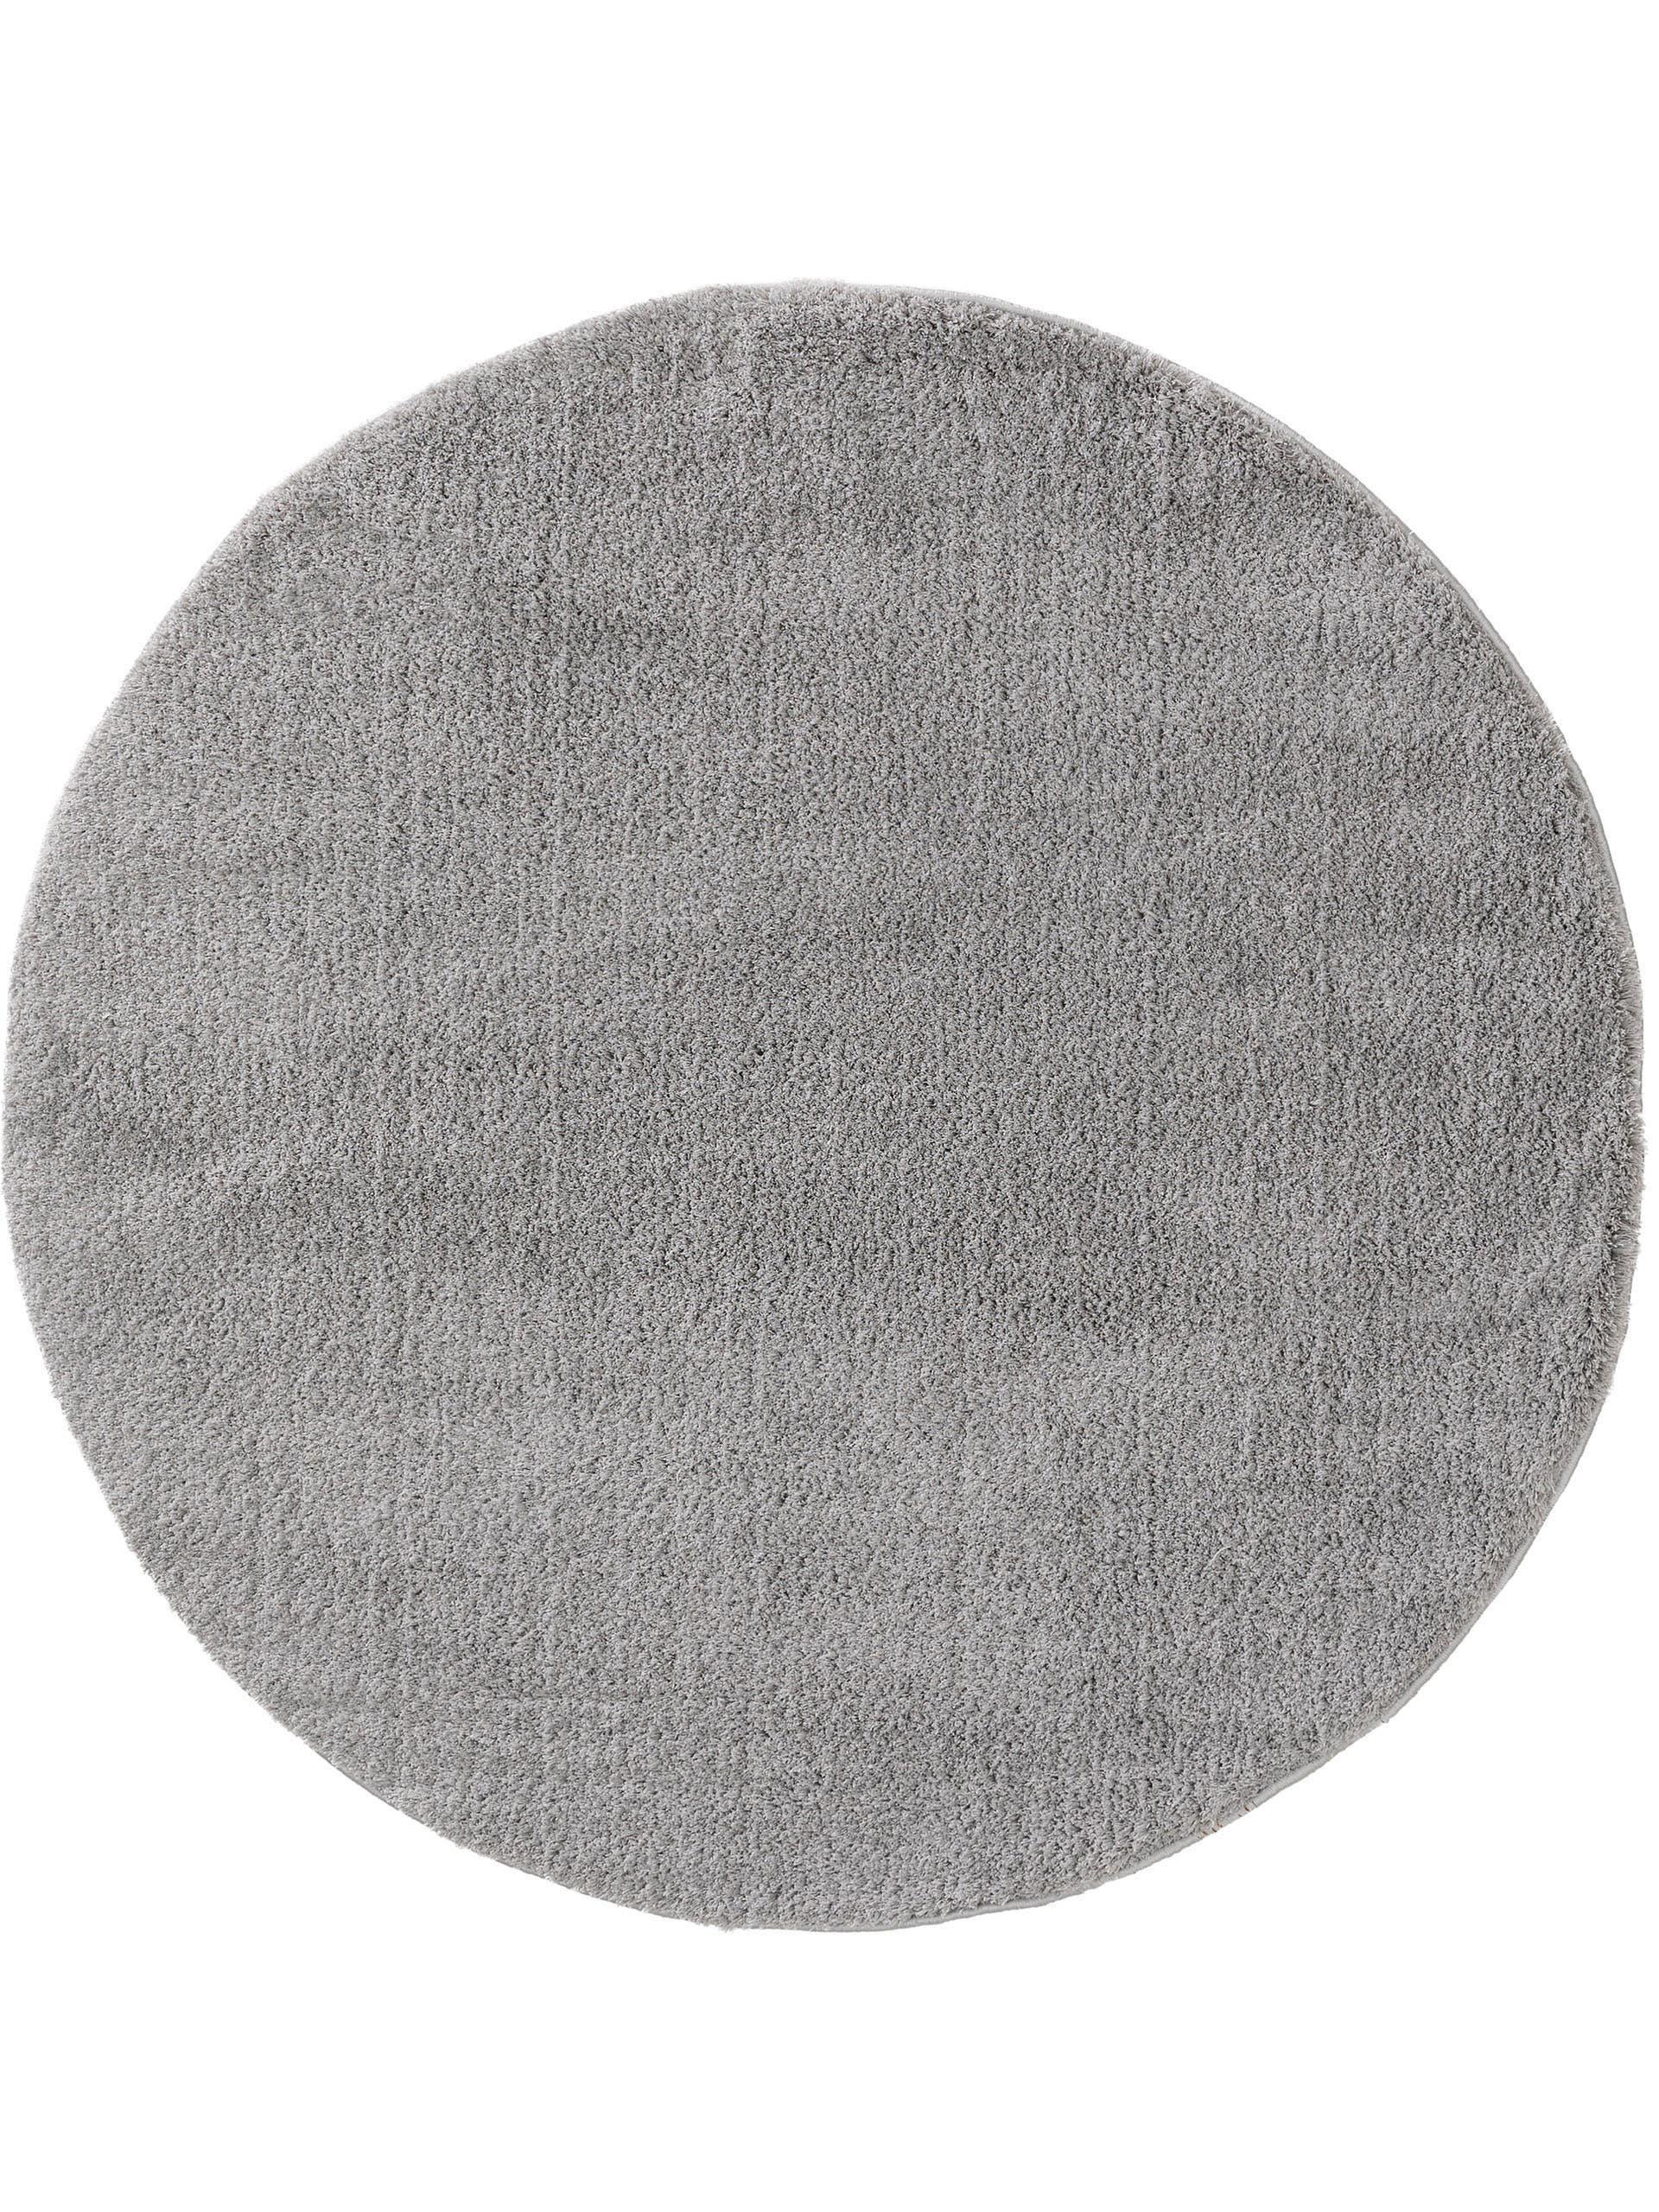 Tapis à poils longs rond gris D 120